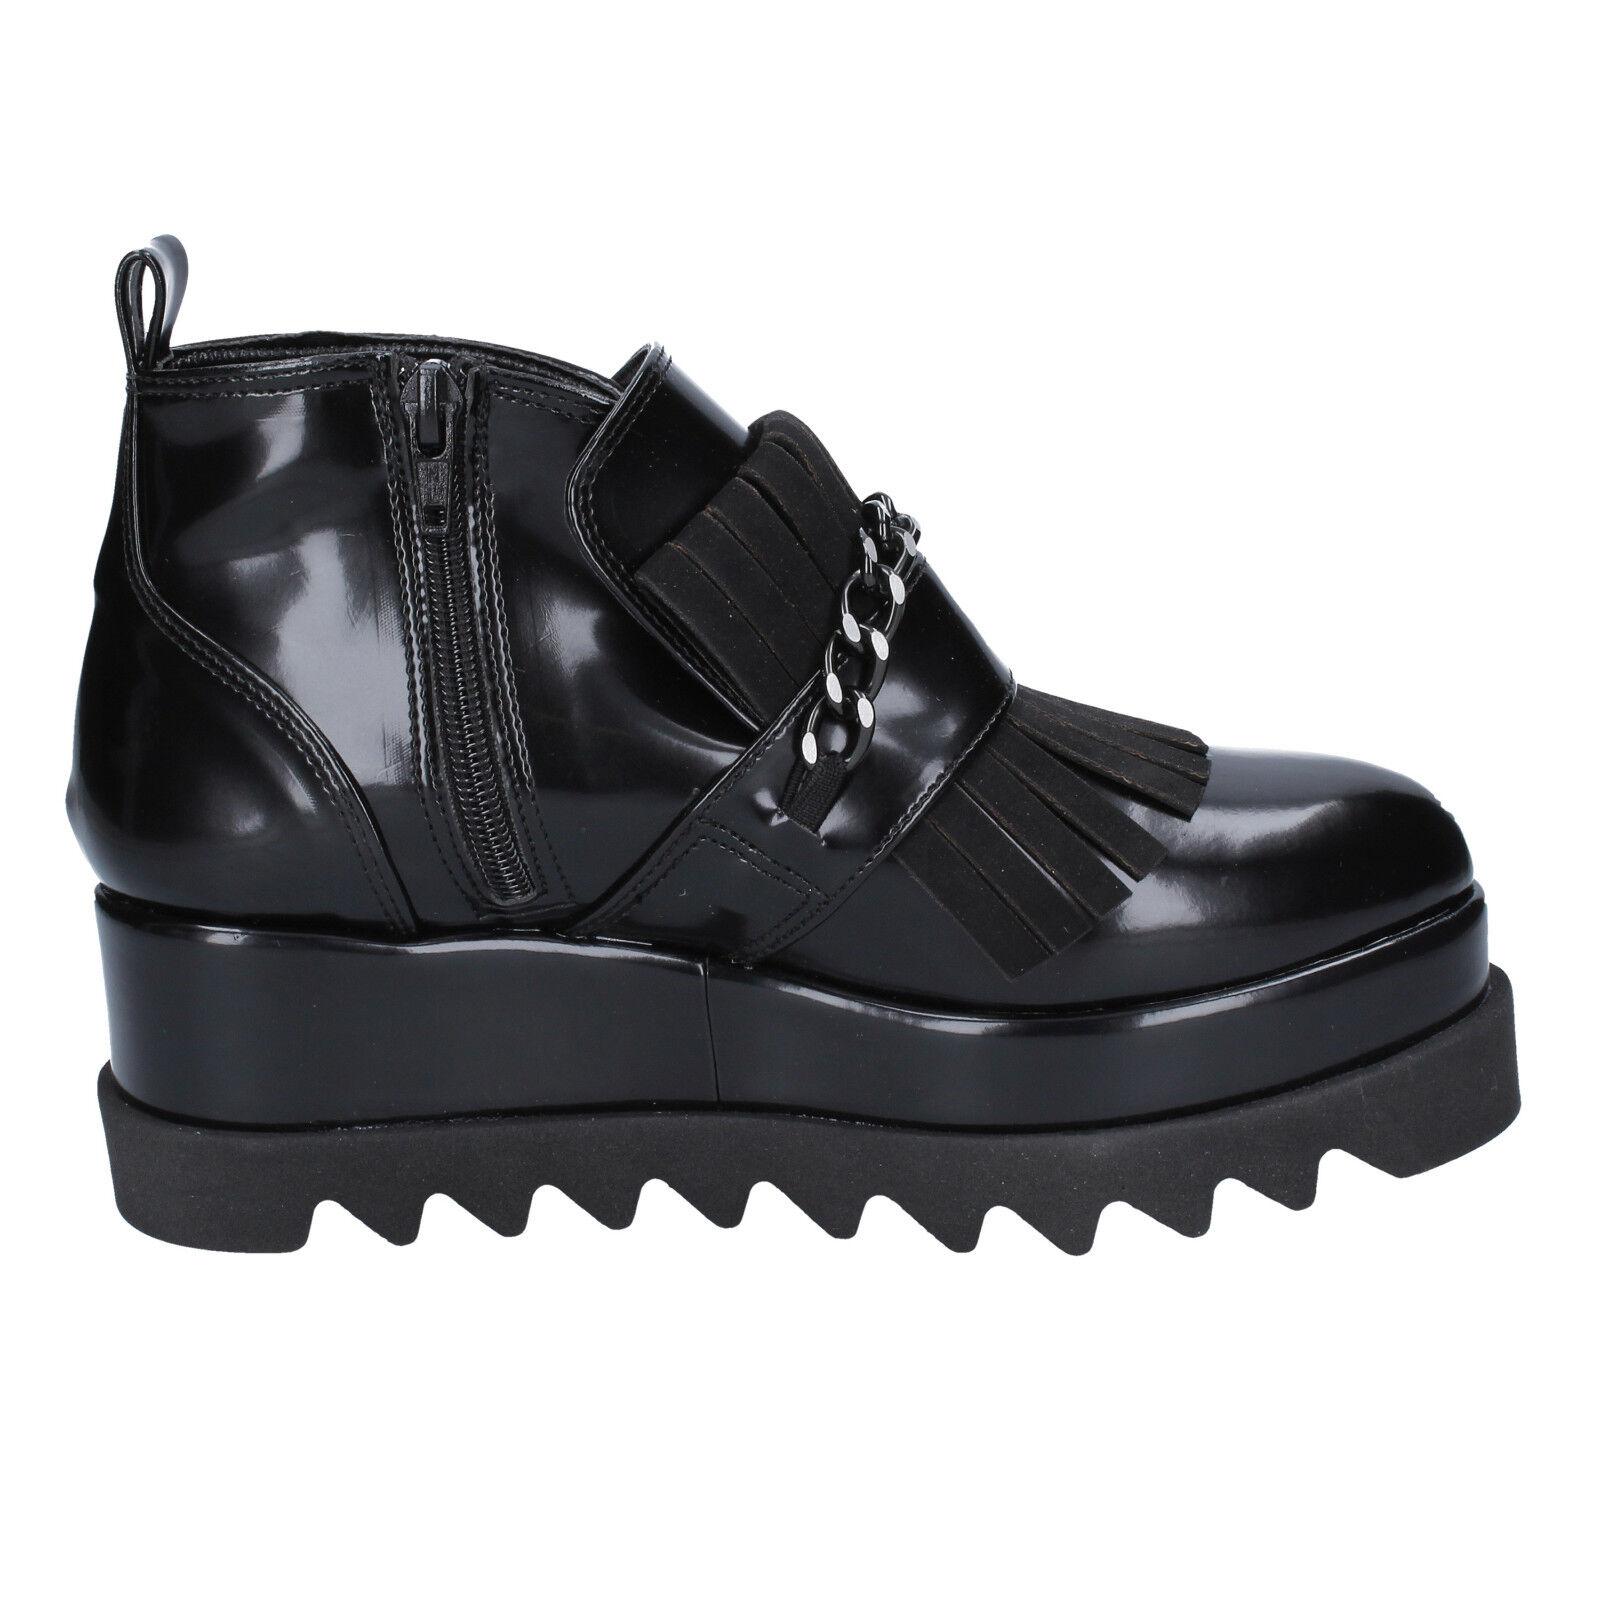 Damen schuhe OLGA RUBINI elegante 39 EU ankle Stiefel elegante RUBINI schwarz leder BX782-39 400604